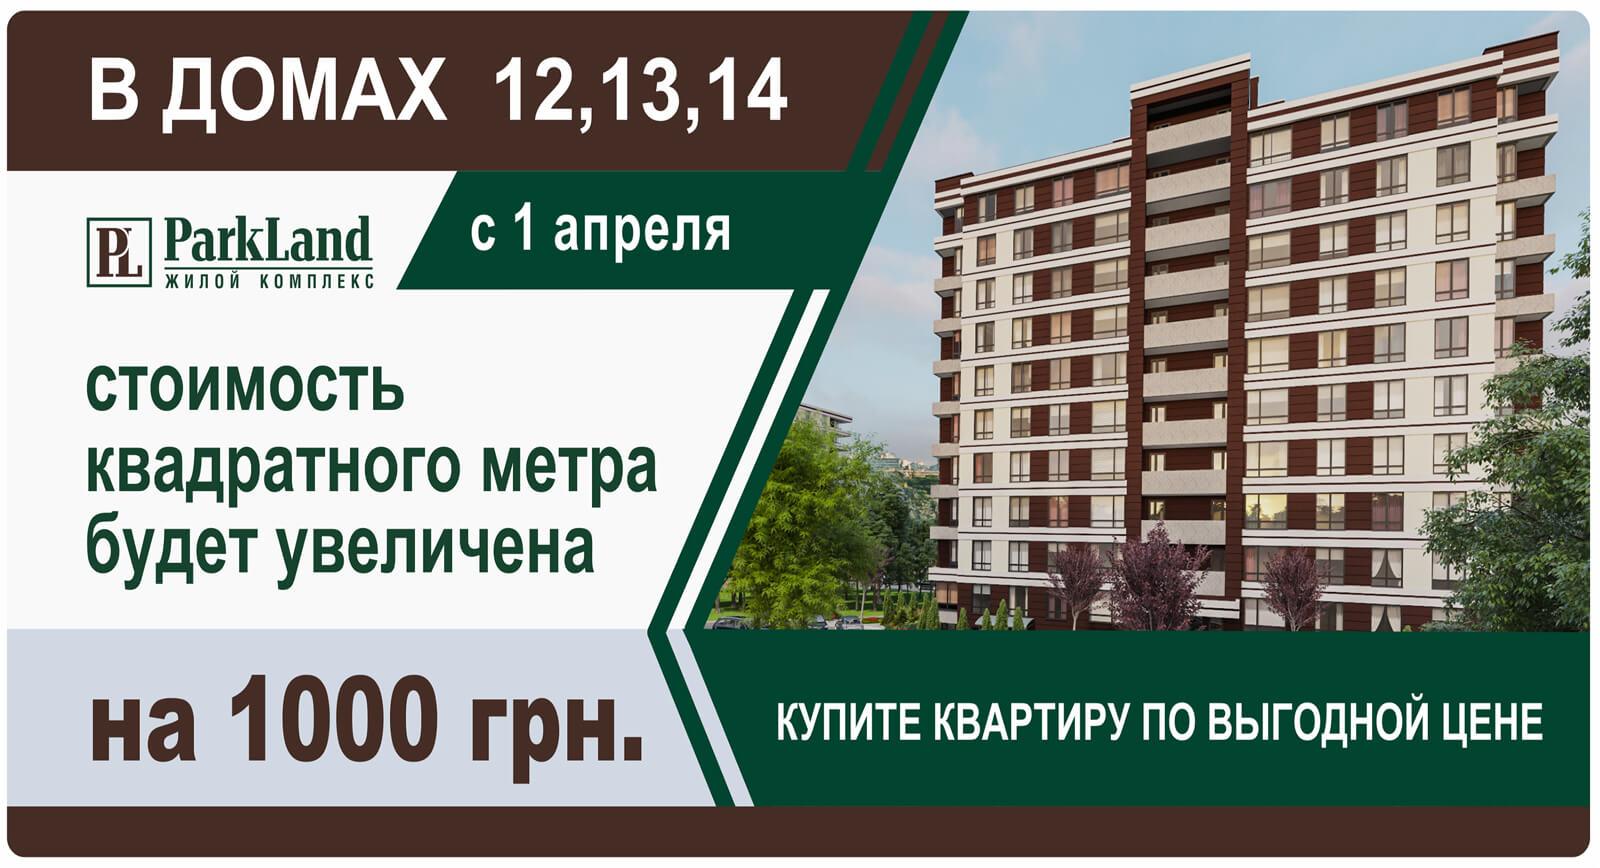 news-1-12-14dom-0318-ru